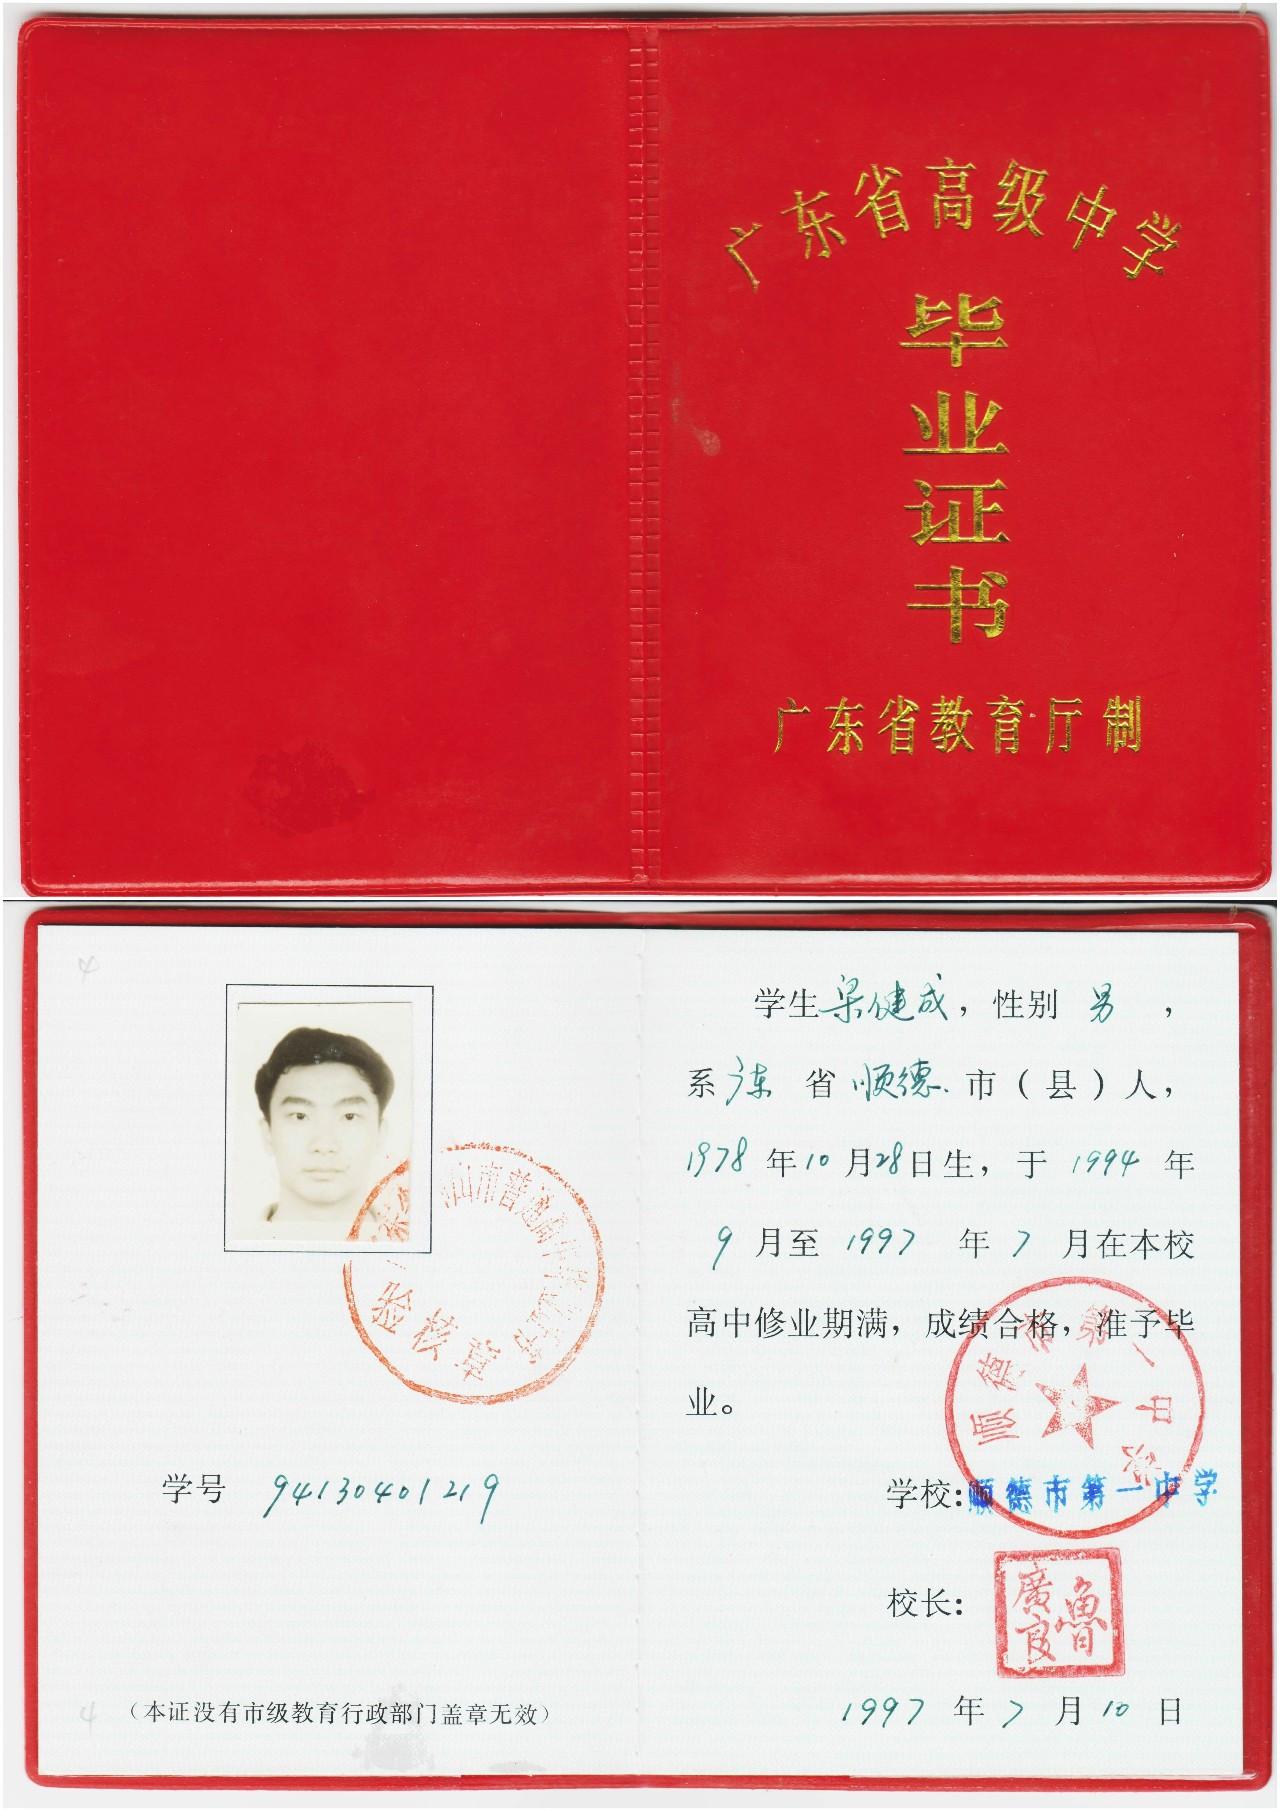 大专毕业证照片几寸_初中毕业证照片和高中毕业证照片都是几寸的?-